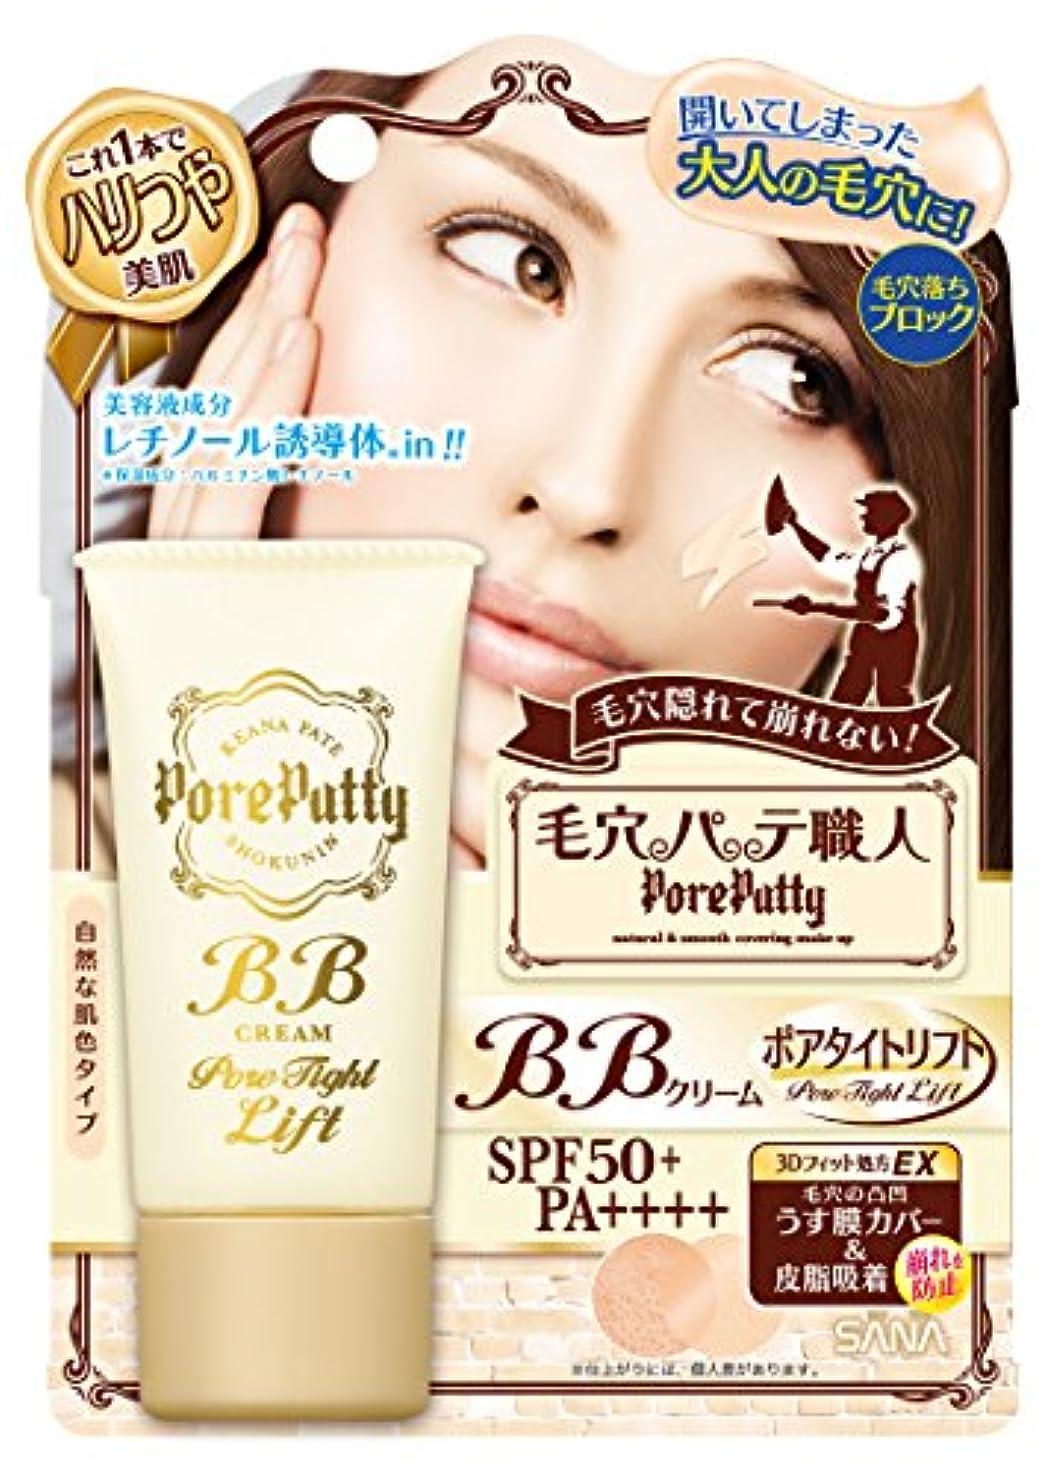 そこ援助する机毛穴パテ職人 BBクリーム ポアタイトリフト 自然な肌色 30g